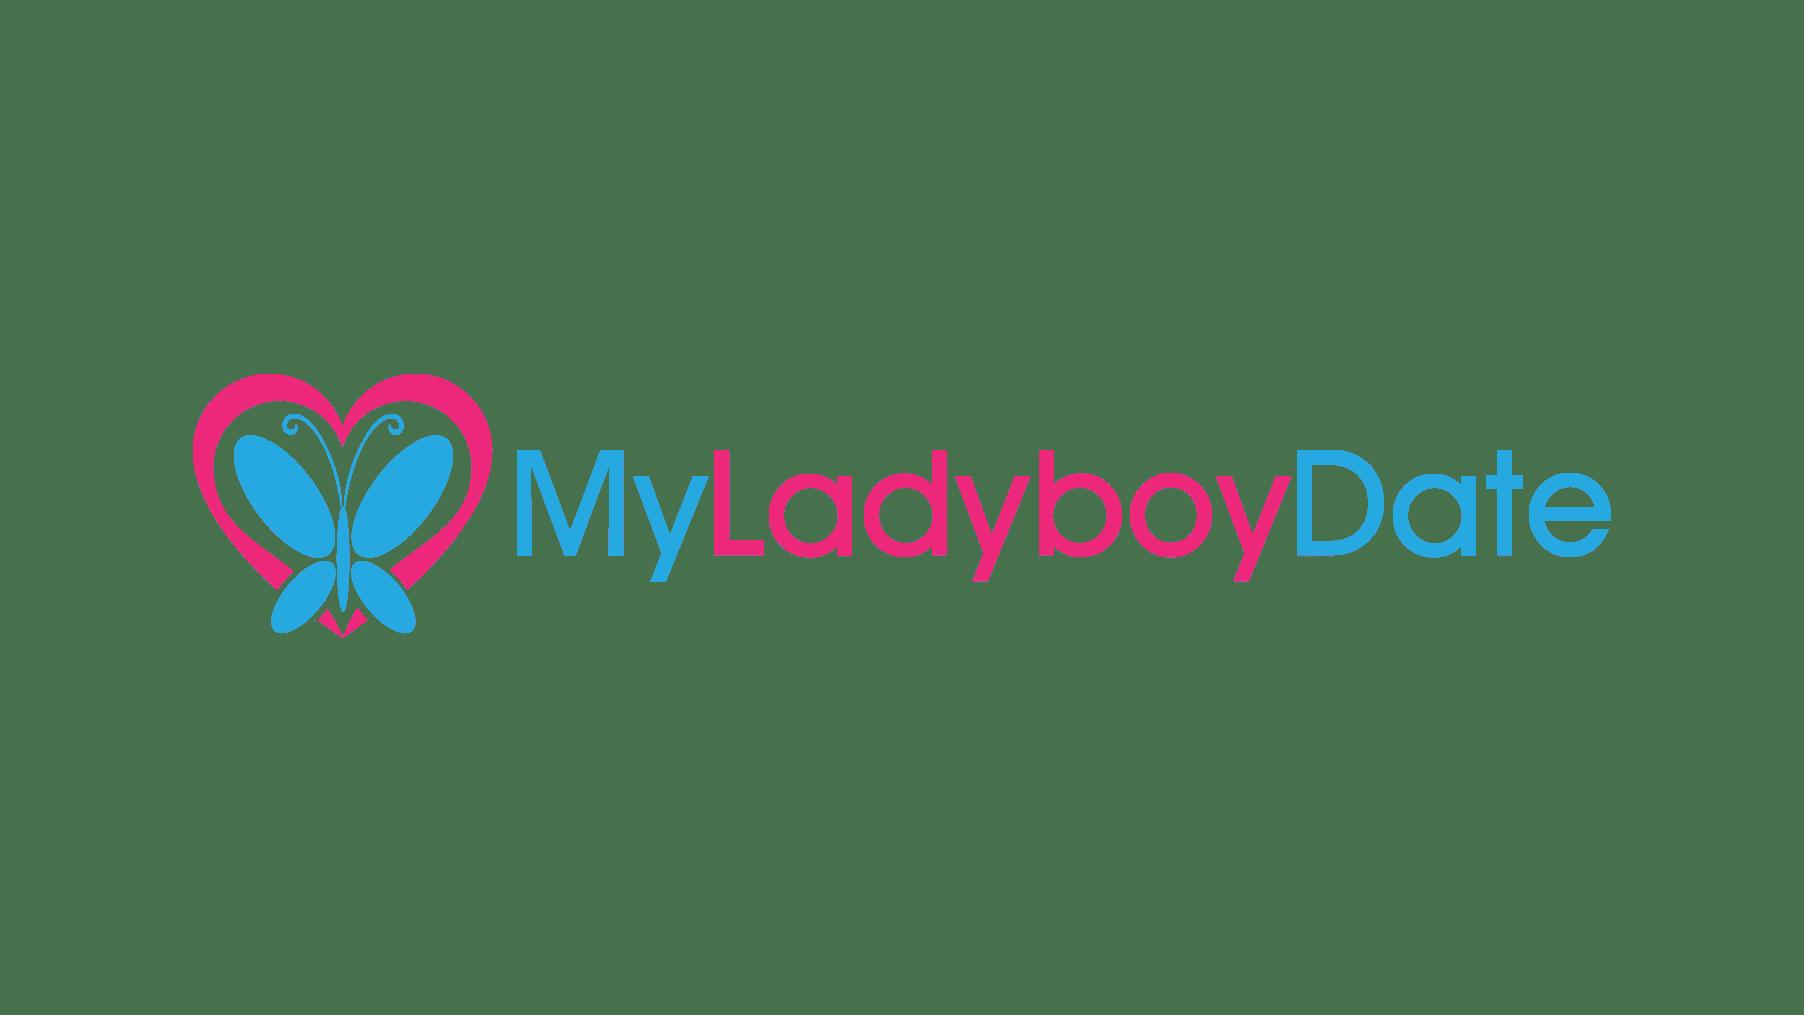 logo Myladyboydate